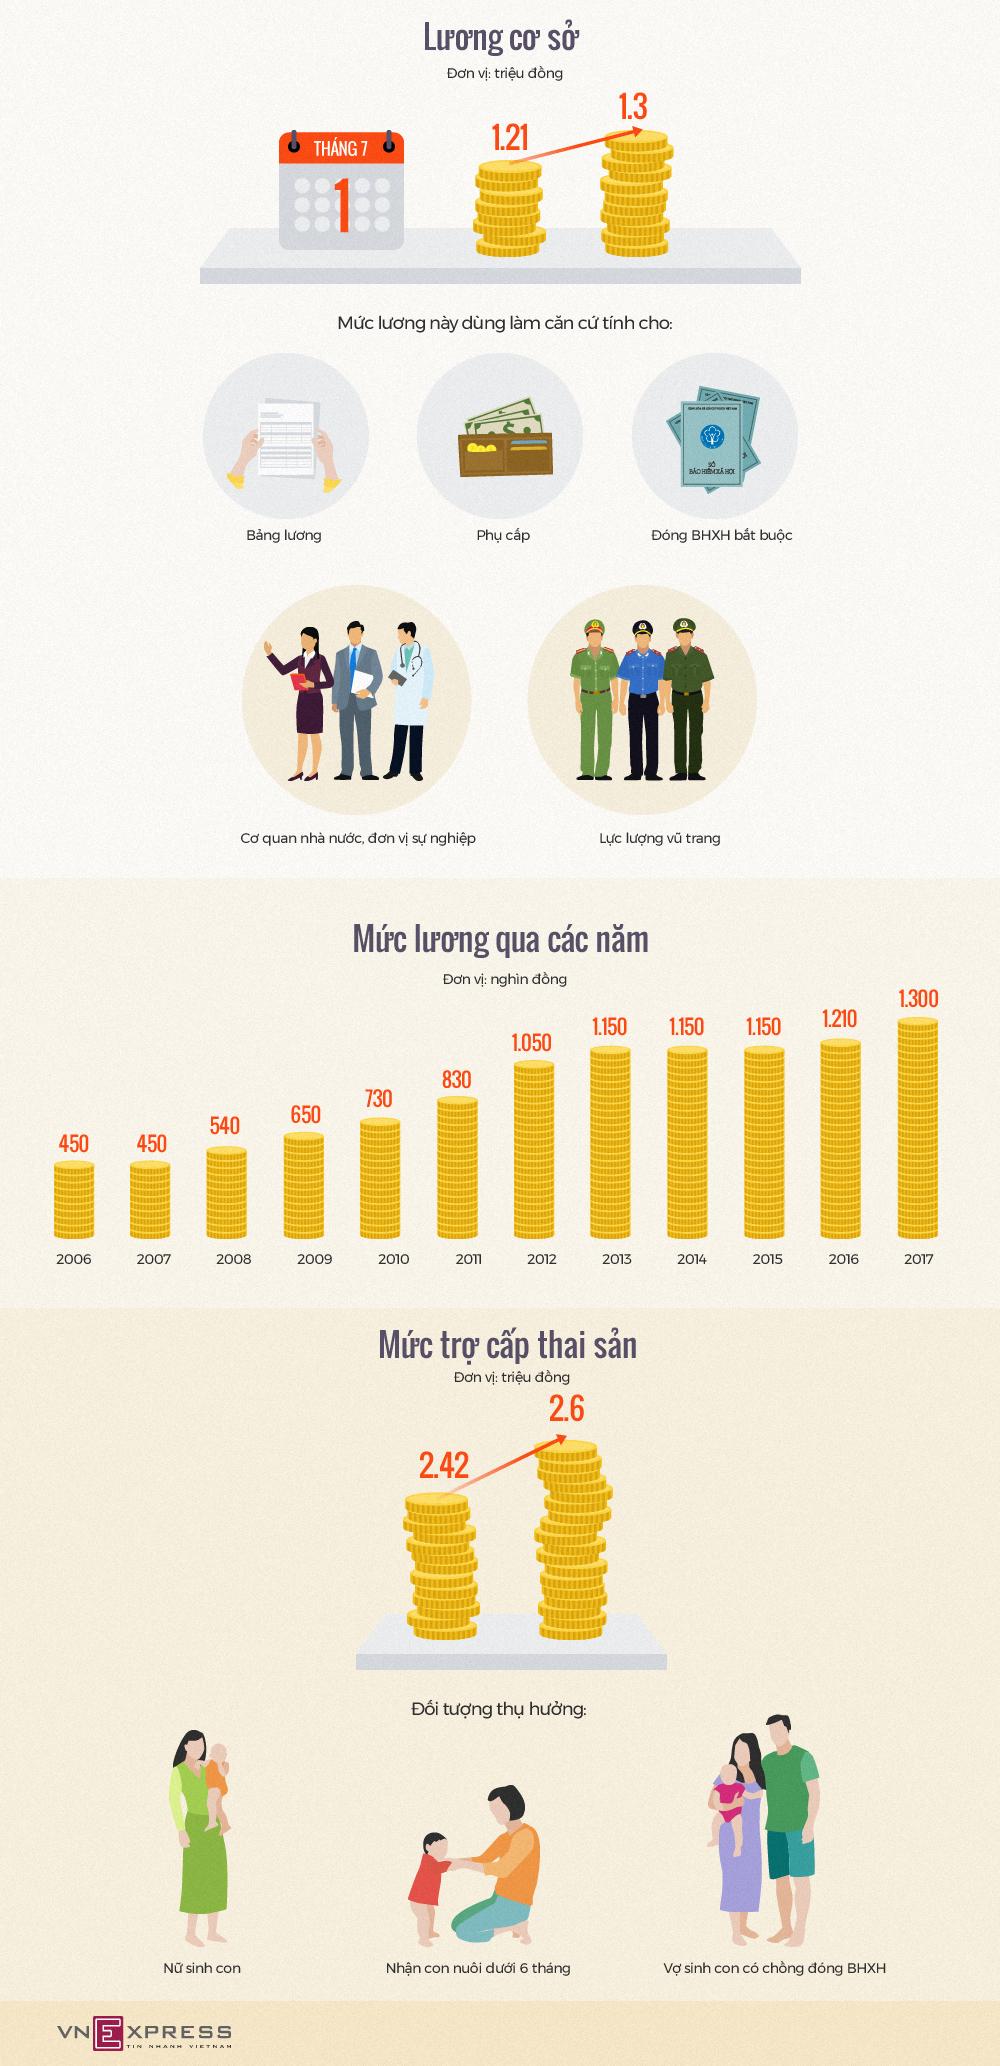 Lương cơ sở tăng thế nào sau hơn thập kỷ